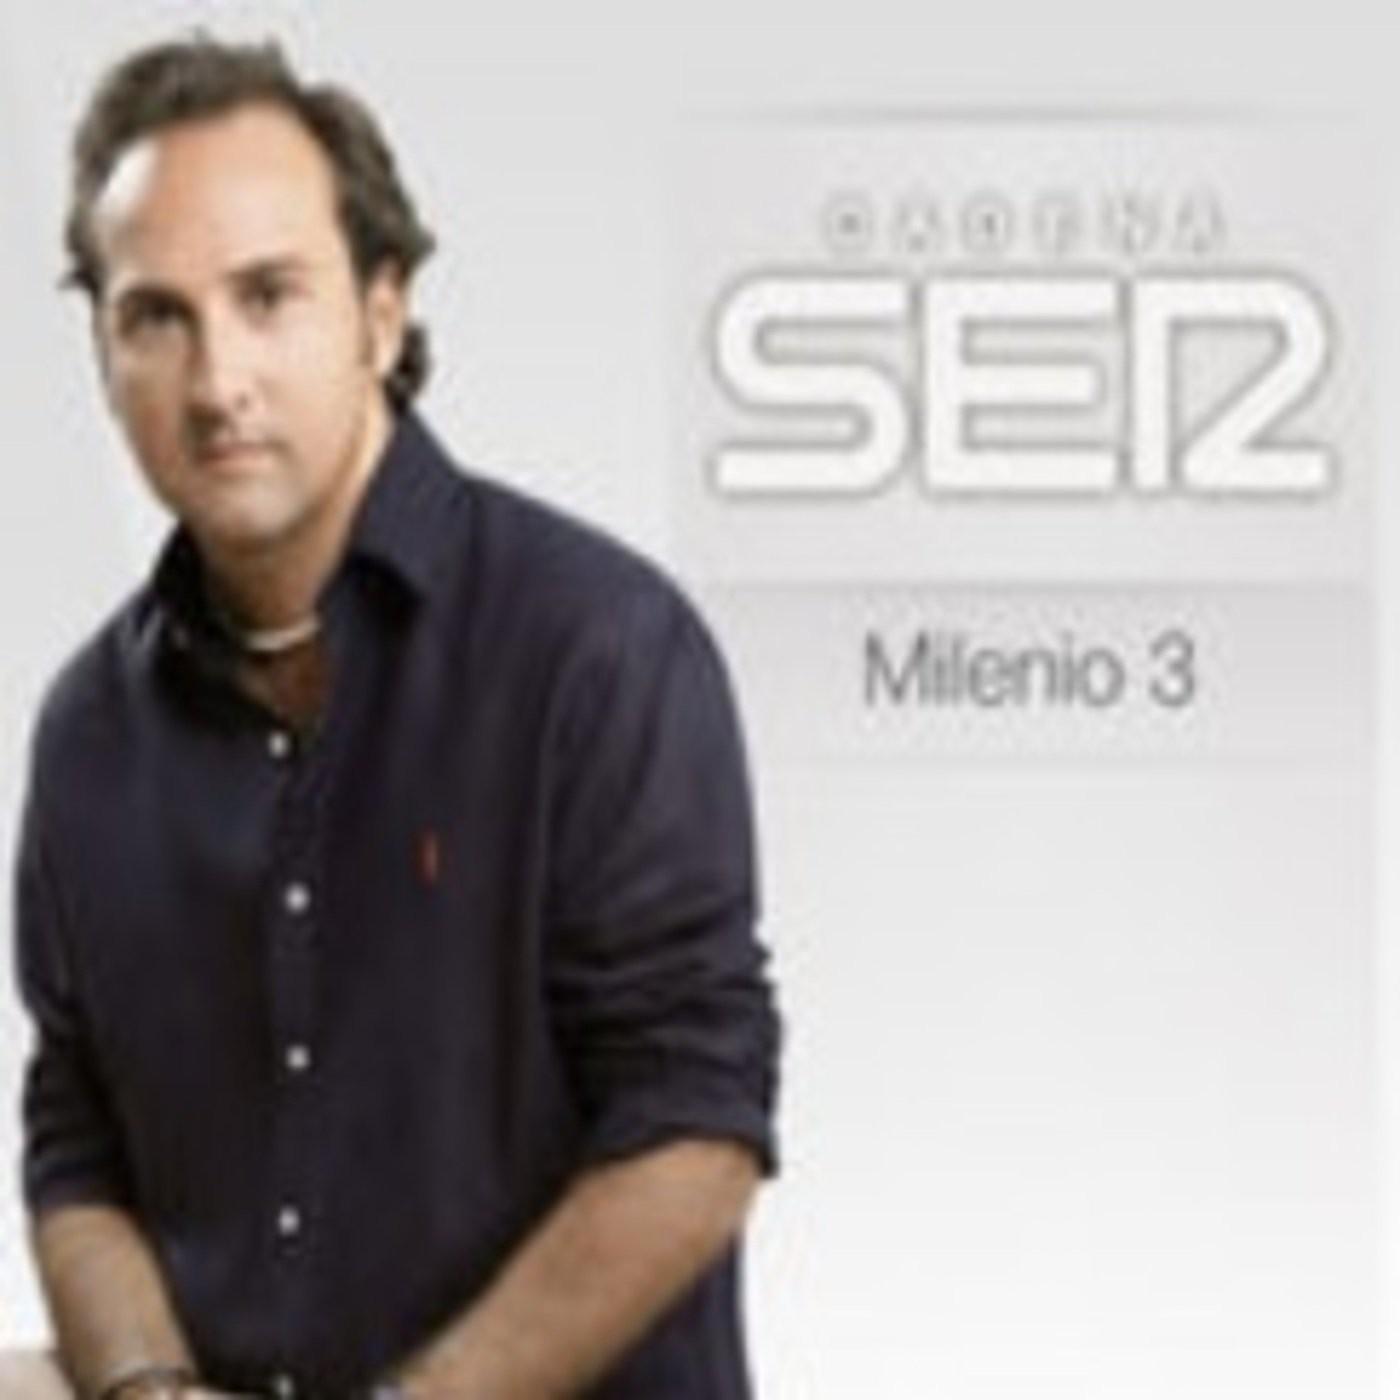 Milenio 3: Estudio del miedo I en Milenio 3 en mp3(21/06 a las 04:35 ...